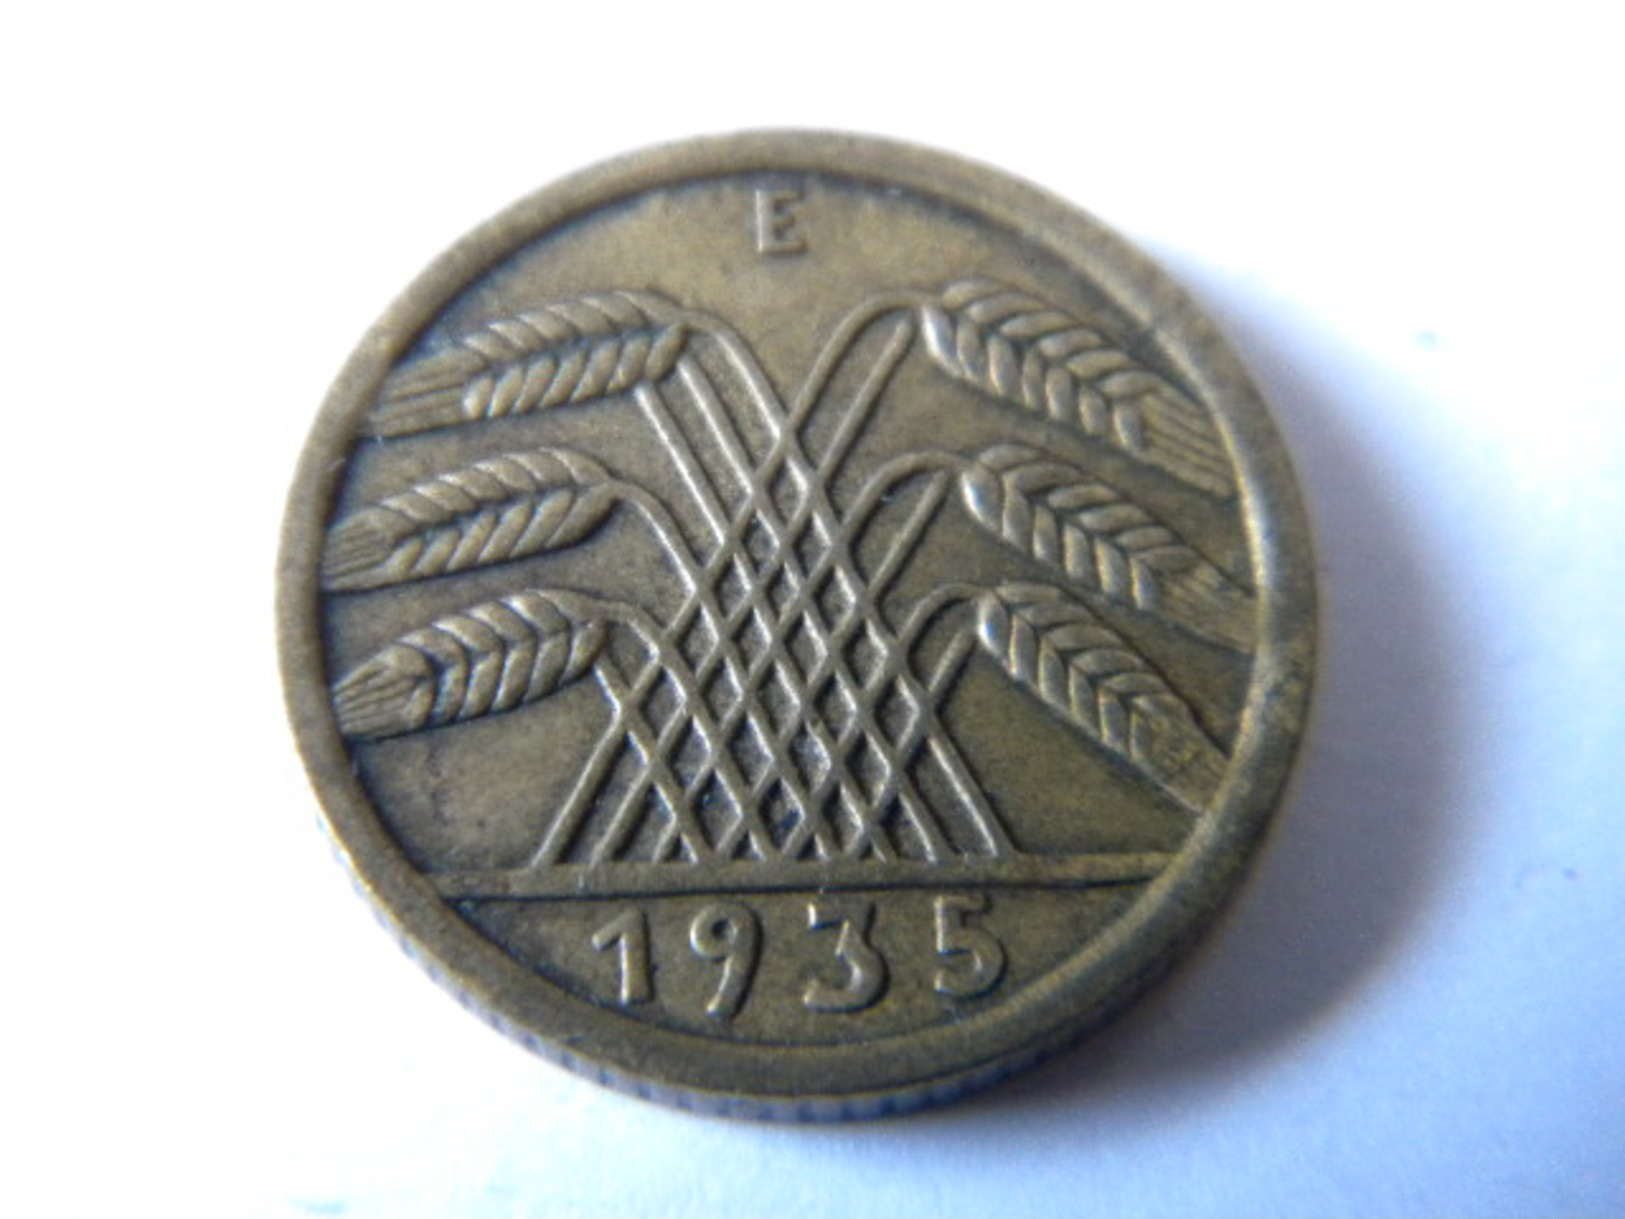 ALLEMAGNE -III REICH - 5 REICHSPFENNIG 1935.E. - [ 4] 1933-1945 : Third Reich